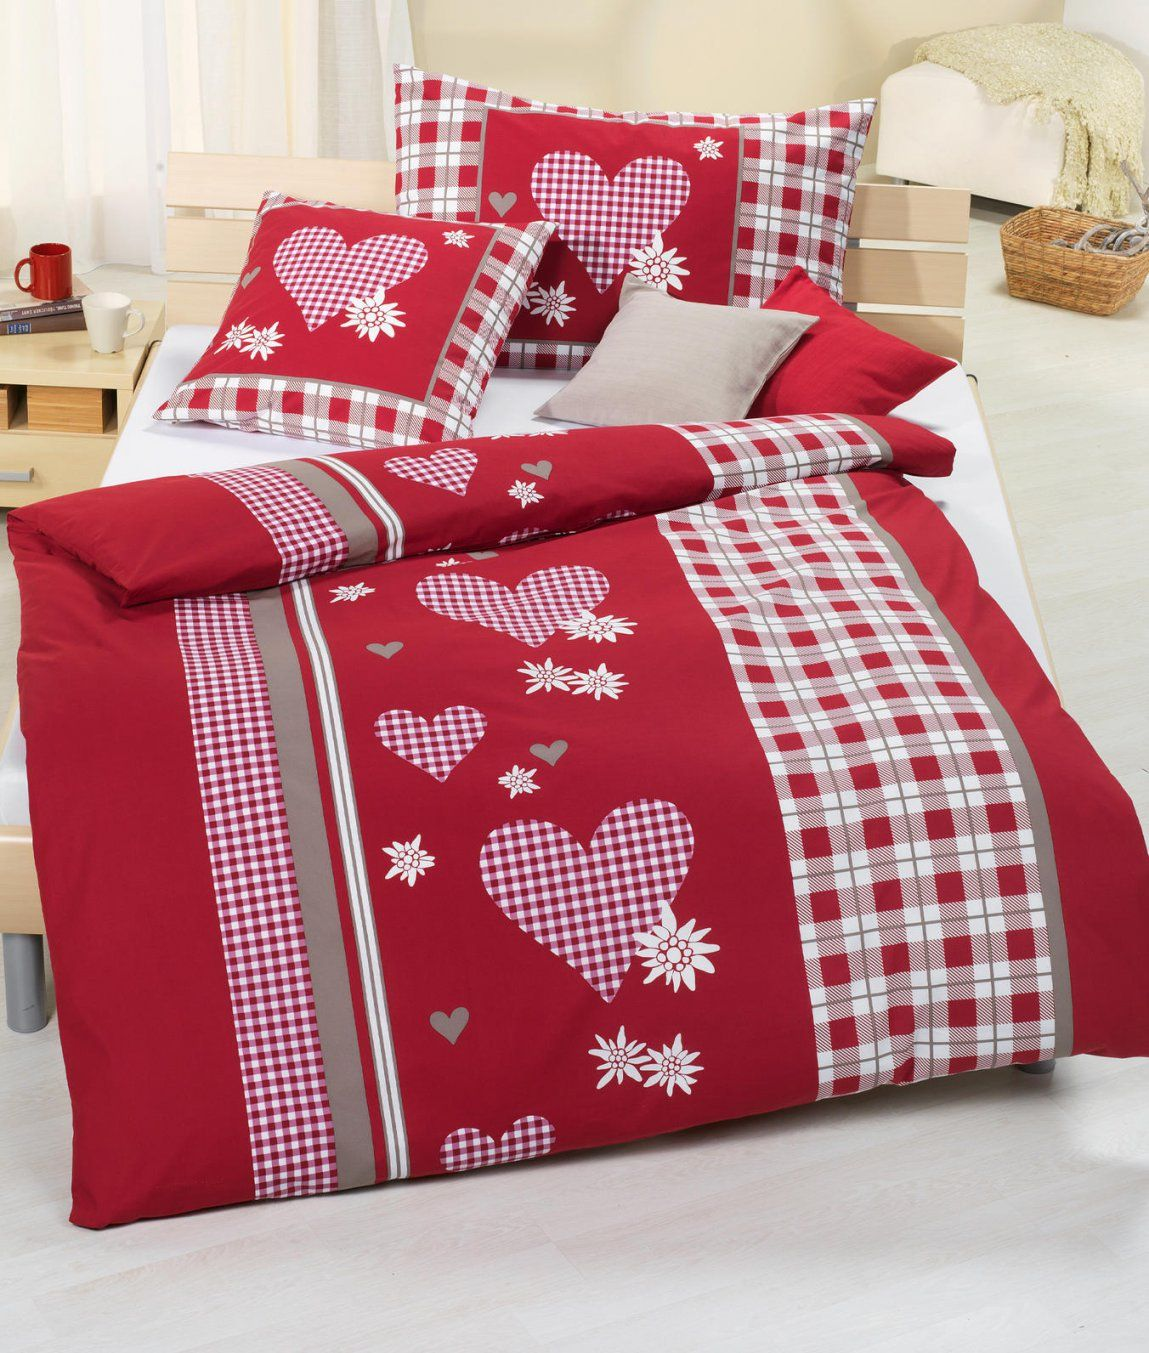 Bettwäsche Säntis Rot Baumwolle Renforcé Kaufen  Angela Bruderer von Bettwäsche Rot Weiß Kariert Photo